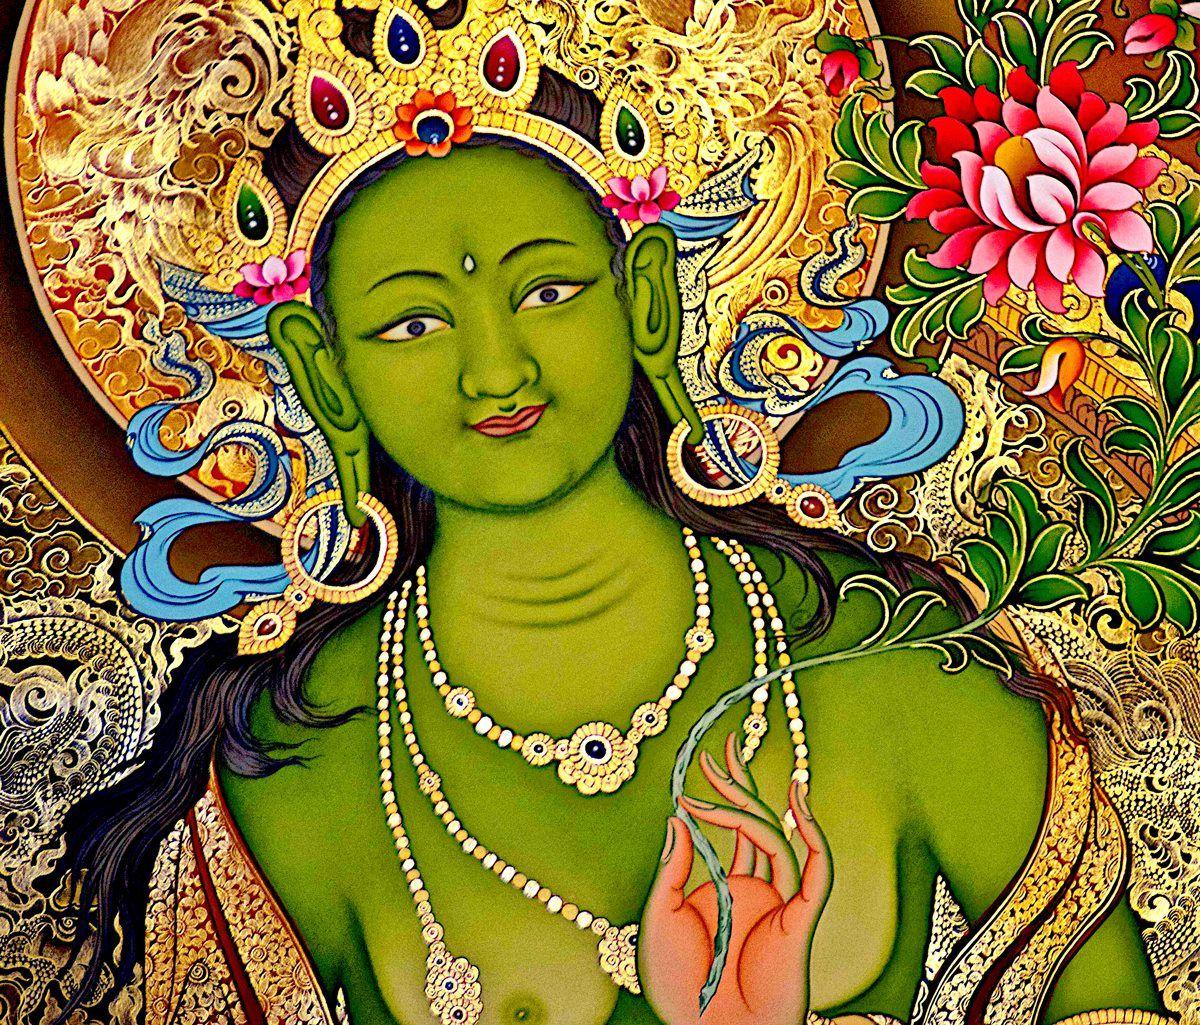 бывают сорта зеленая тара в буддизме картинки выравнивание самый